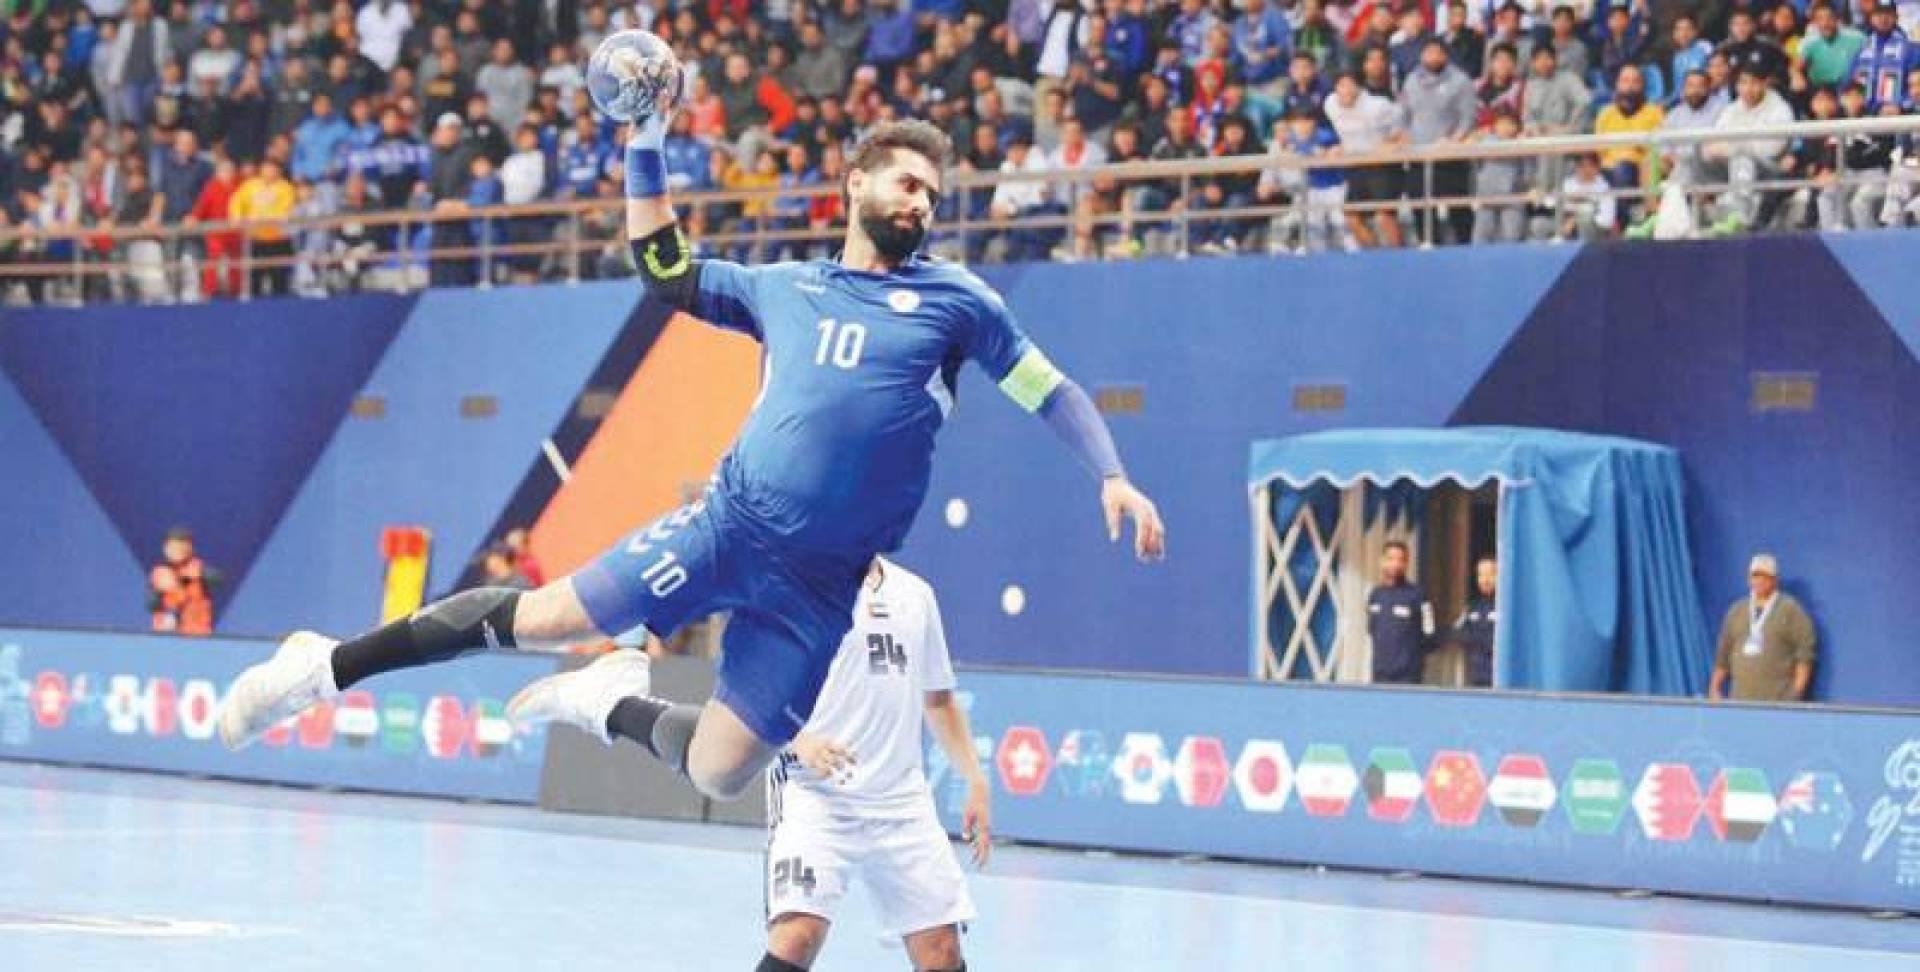 مهدي القلاف قائد المنتخب في محاولة لإحراز هدف ضد الإمارات